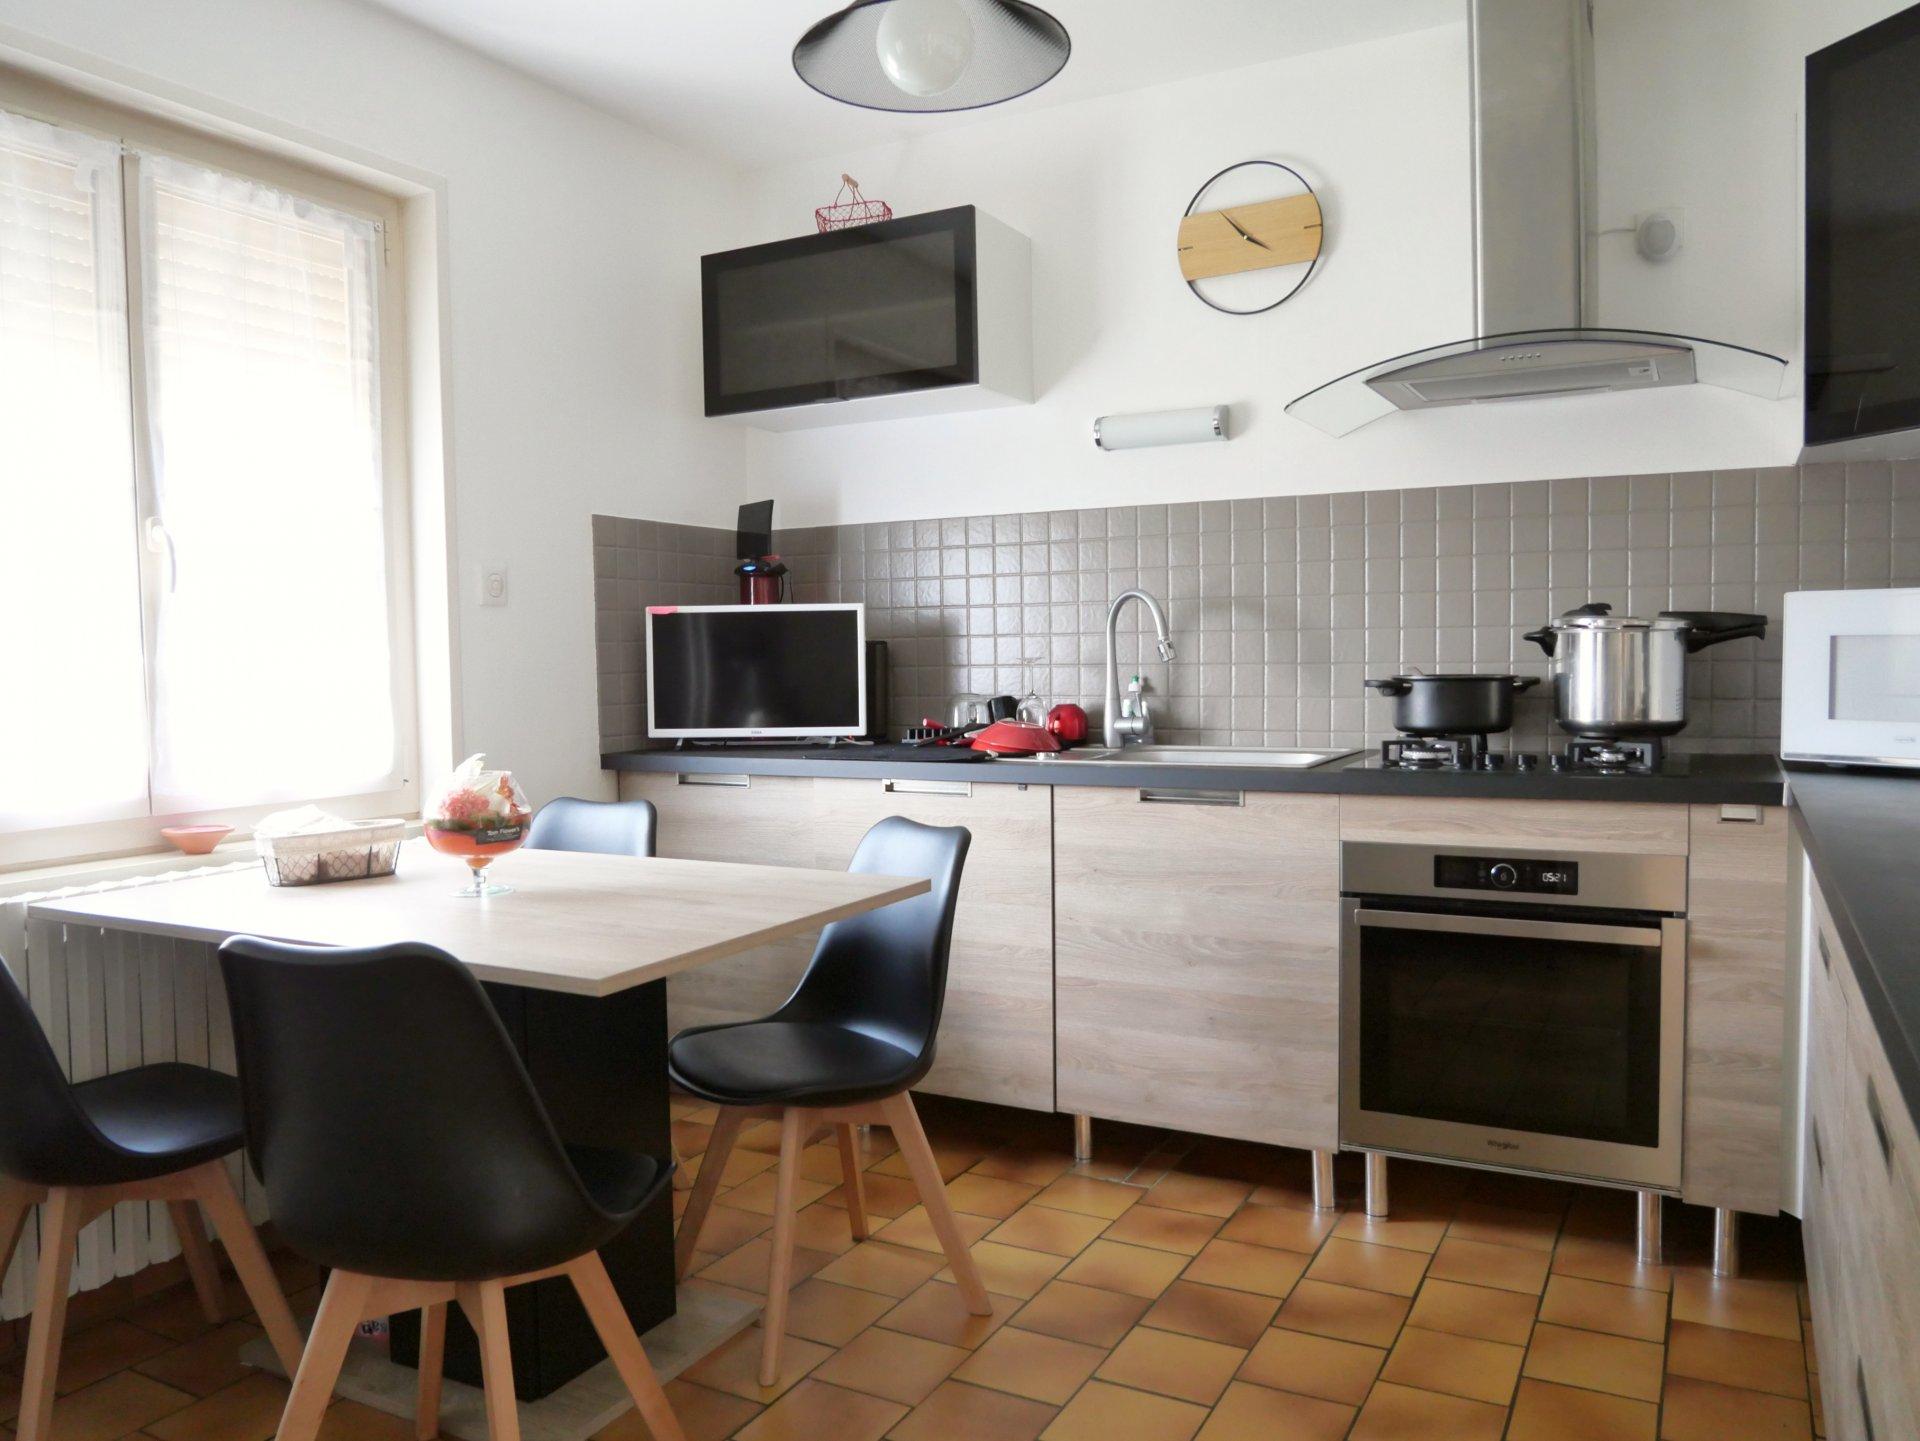 A 15 mn de Mâcon, dans le village de Manziat, maison parfaitement entretenue sur terrain clôt et arboré de 1314 m².  Sur sous-sol semi-enterré, elle dispose d'un grand garage - atelier de plus de 70 m² et d'un bureau avec point d'eau - WC de presque 20 m² en rez de chaussée.  La partie habitable donne sur une jolie terrasse plein Ouest et se compose d'une cuisine équipée, d'un joli salon, de trois chambres et d'une salle de douche.  Pas de rénovation à prévoir car la maison est en parfait état, il n'y a plus qu'à la mettre à votre goût !  Honoraires à charge vendeurs.